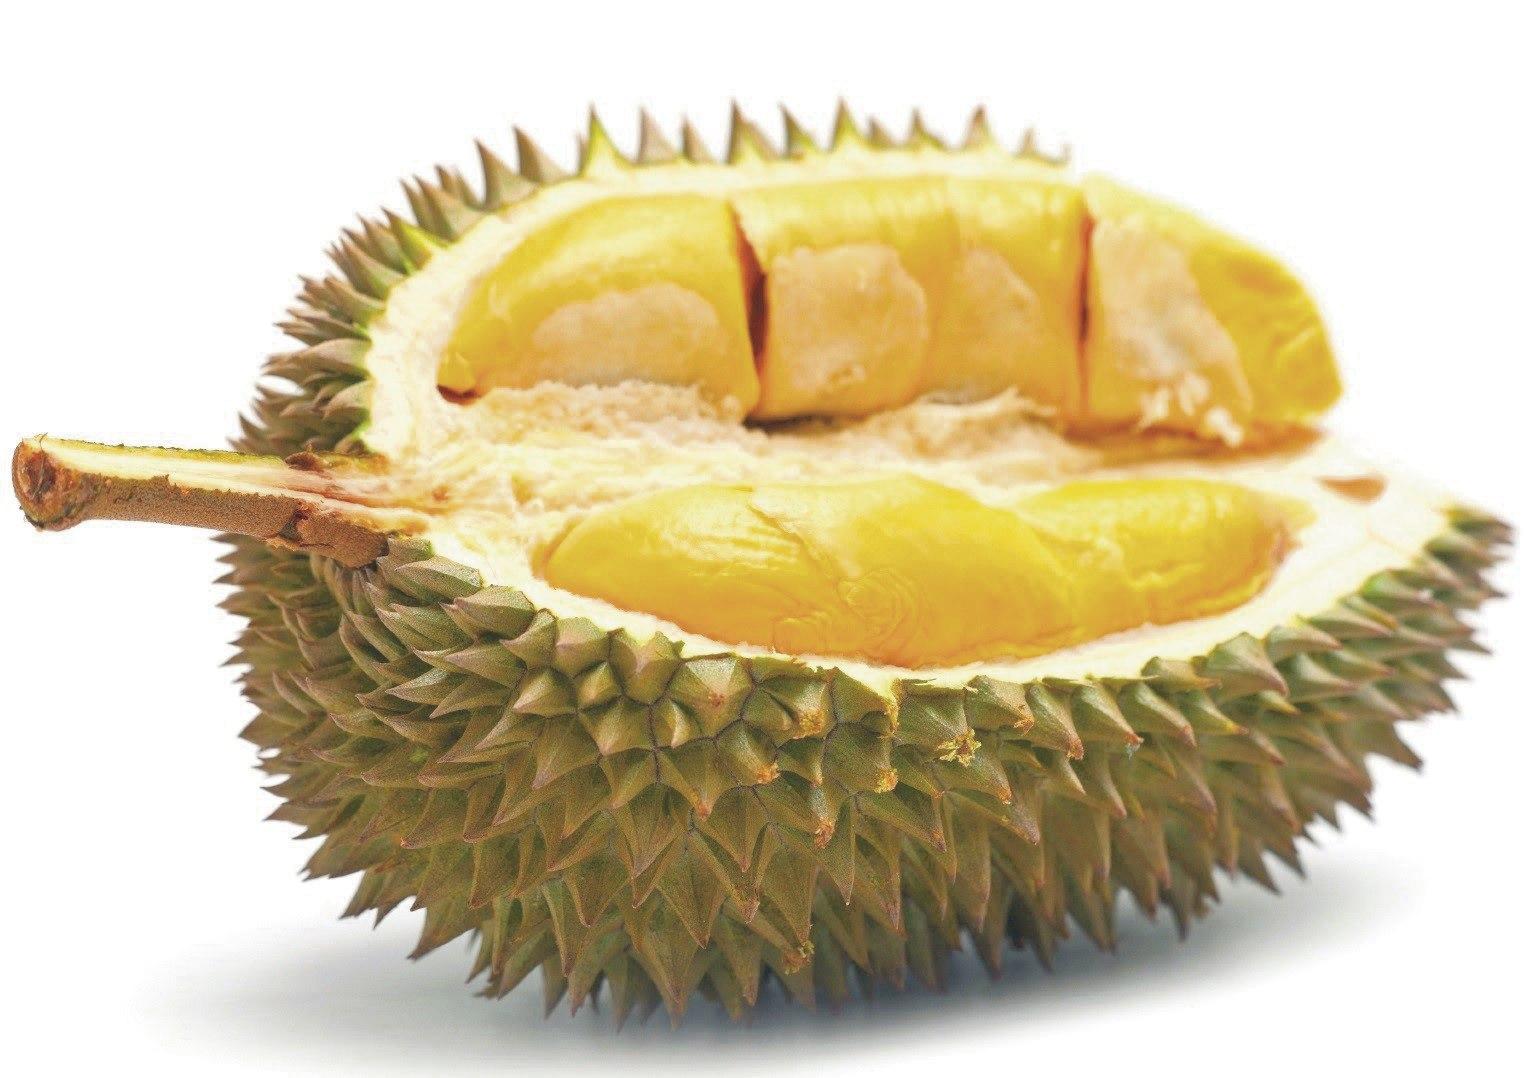 Beautiful durian